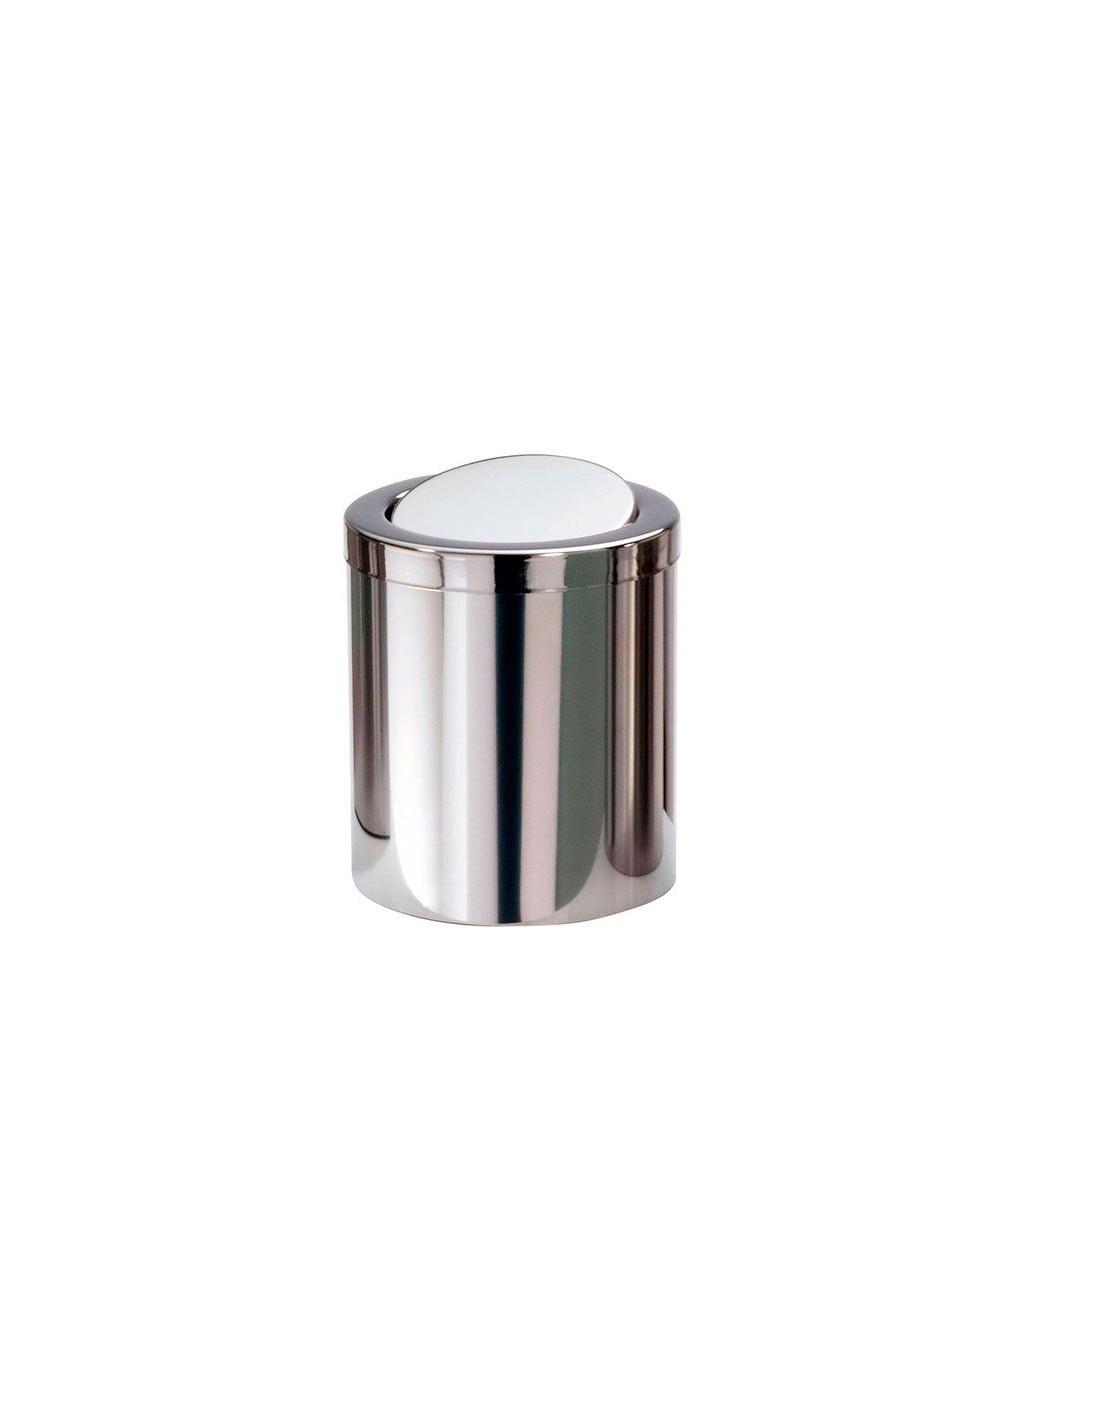 Valente design accessoires bain mini poubelle dw1240 acier poli - Mini poubelle salle de bain ...